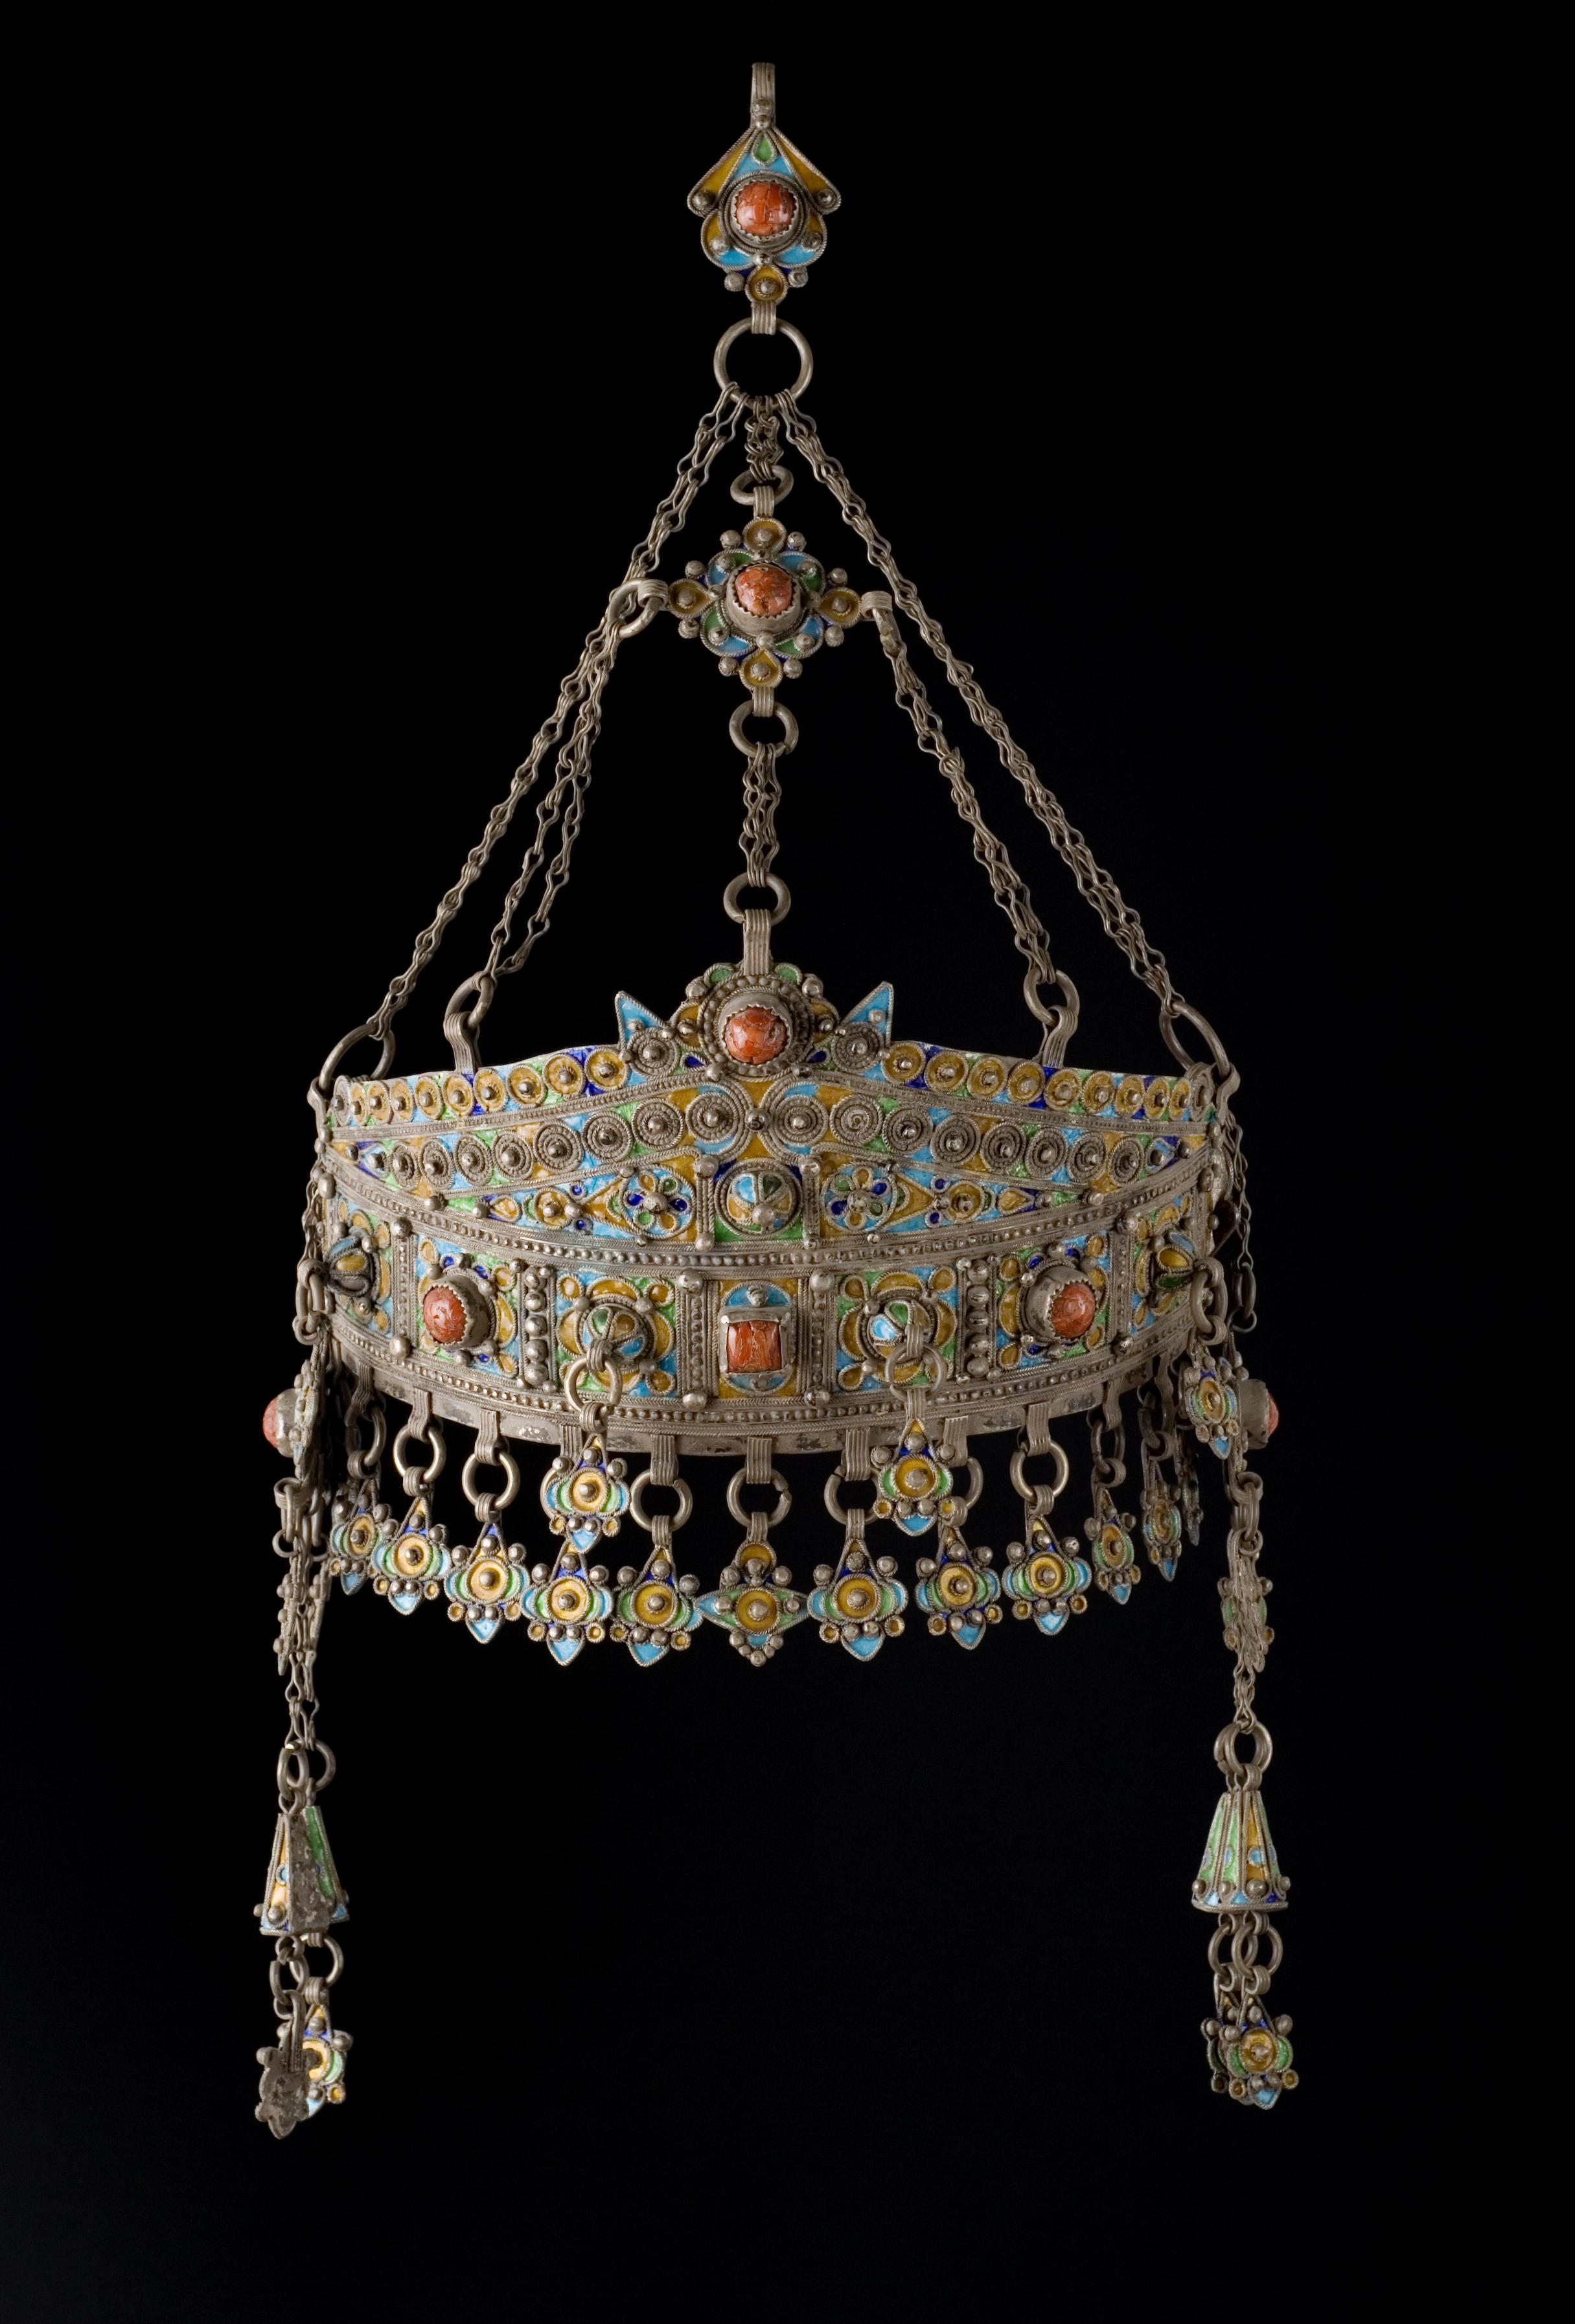 El embajador Jorge Dezcallar vende su colección de joyas bereberes en Alcalá